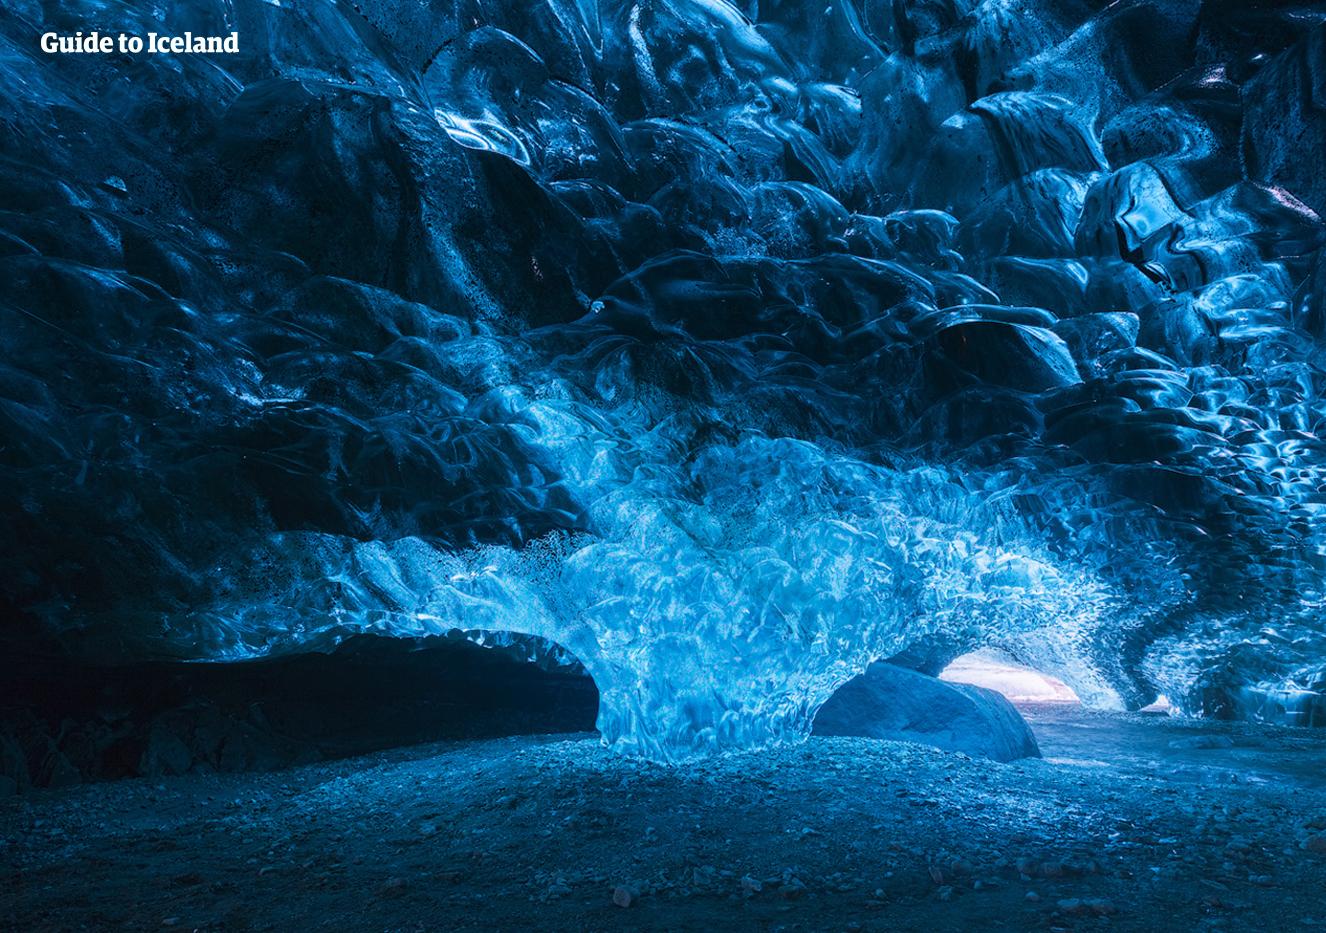 Fantastische Blautöne einer echten, natürlich entstandenen Eishöhle im Vatnajökull-Nationalpark.